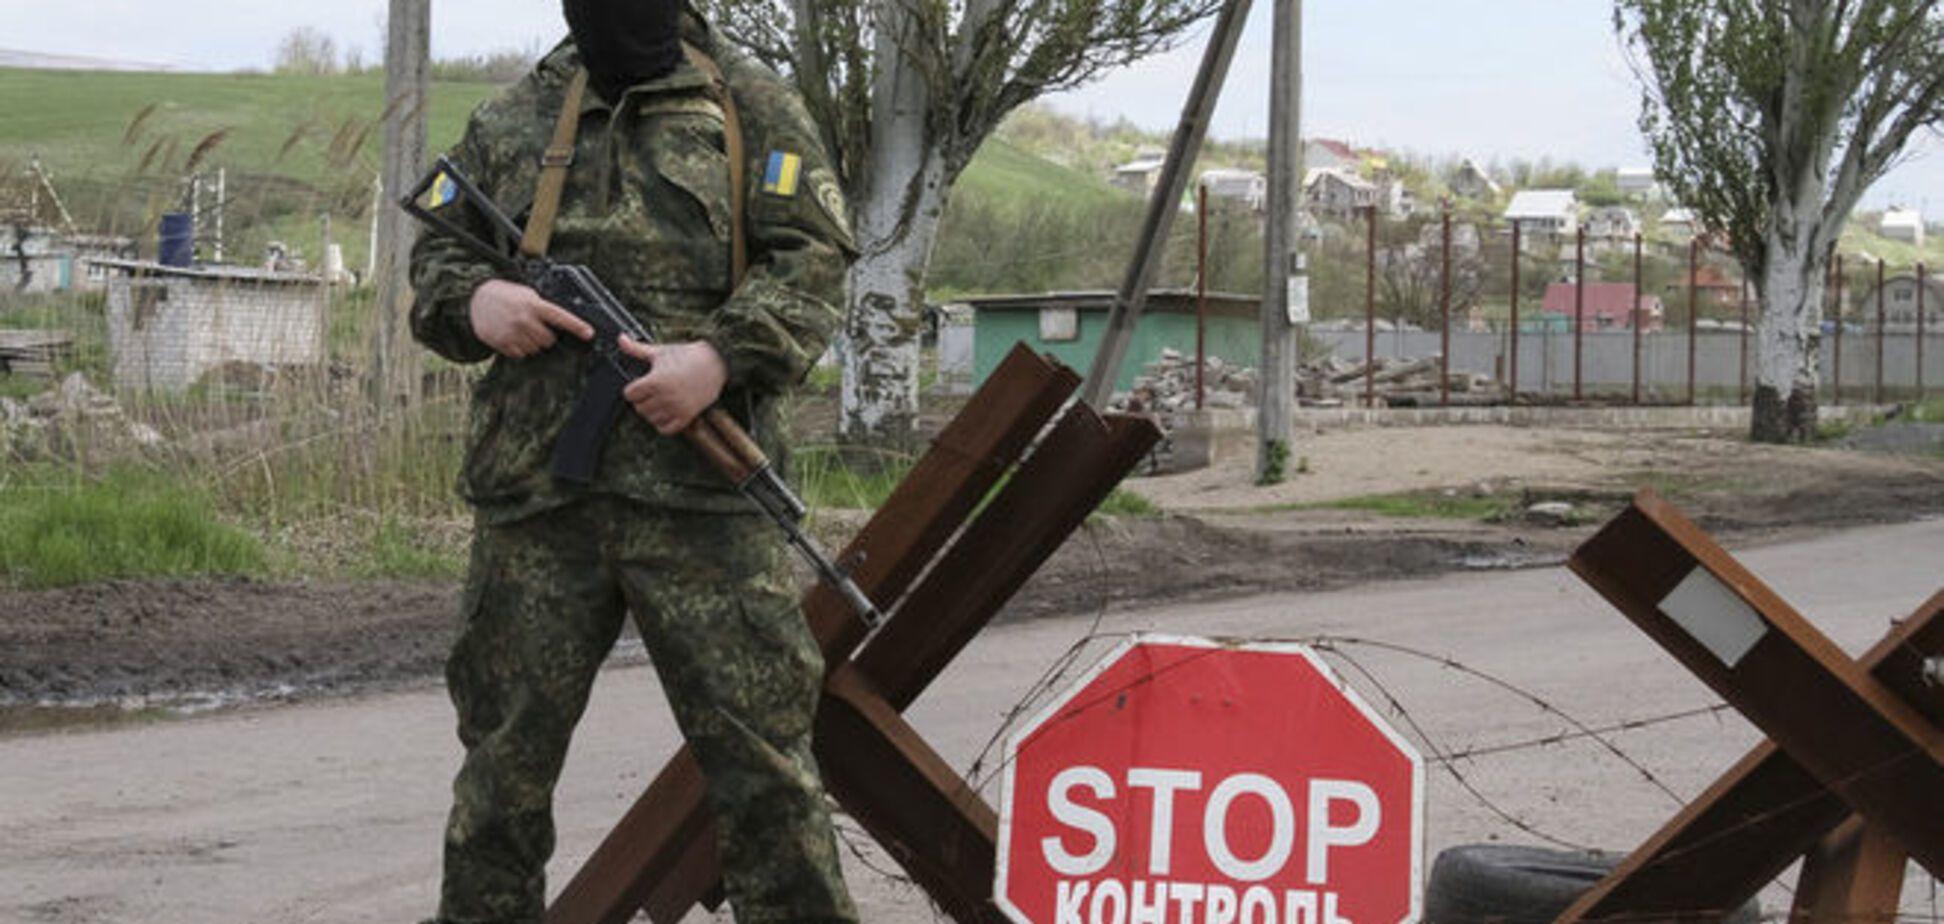 Бойцы АТО попали в засаду в Донецкой области: убит офицер